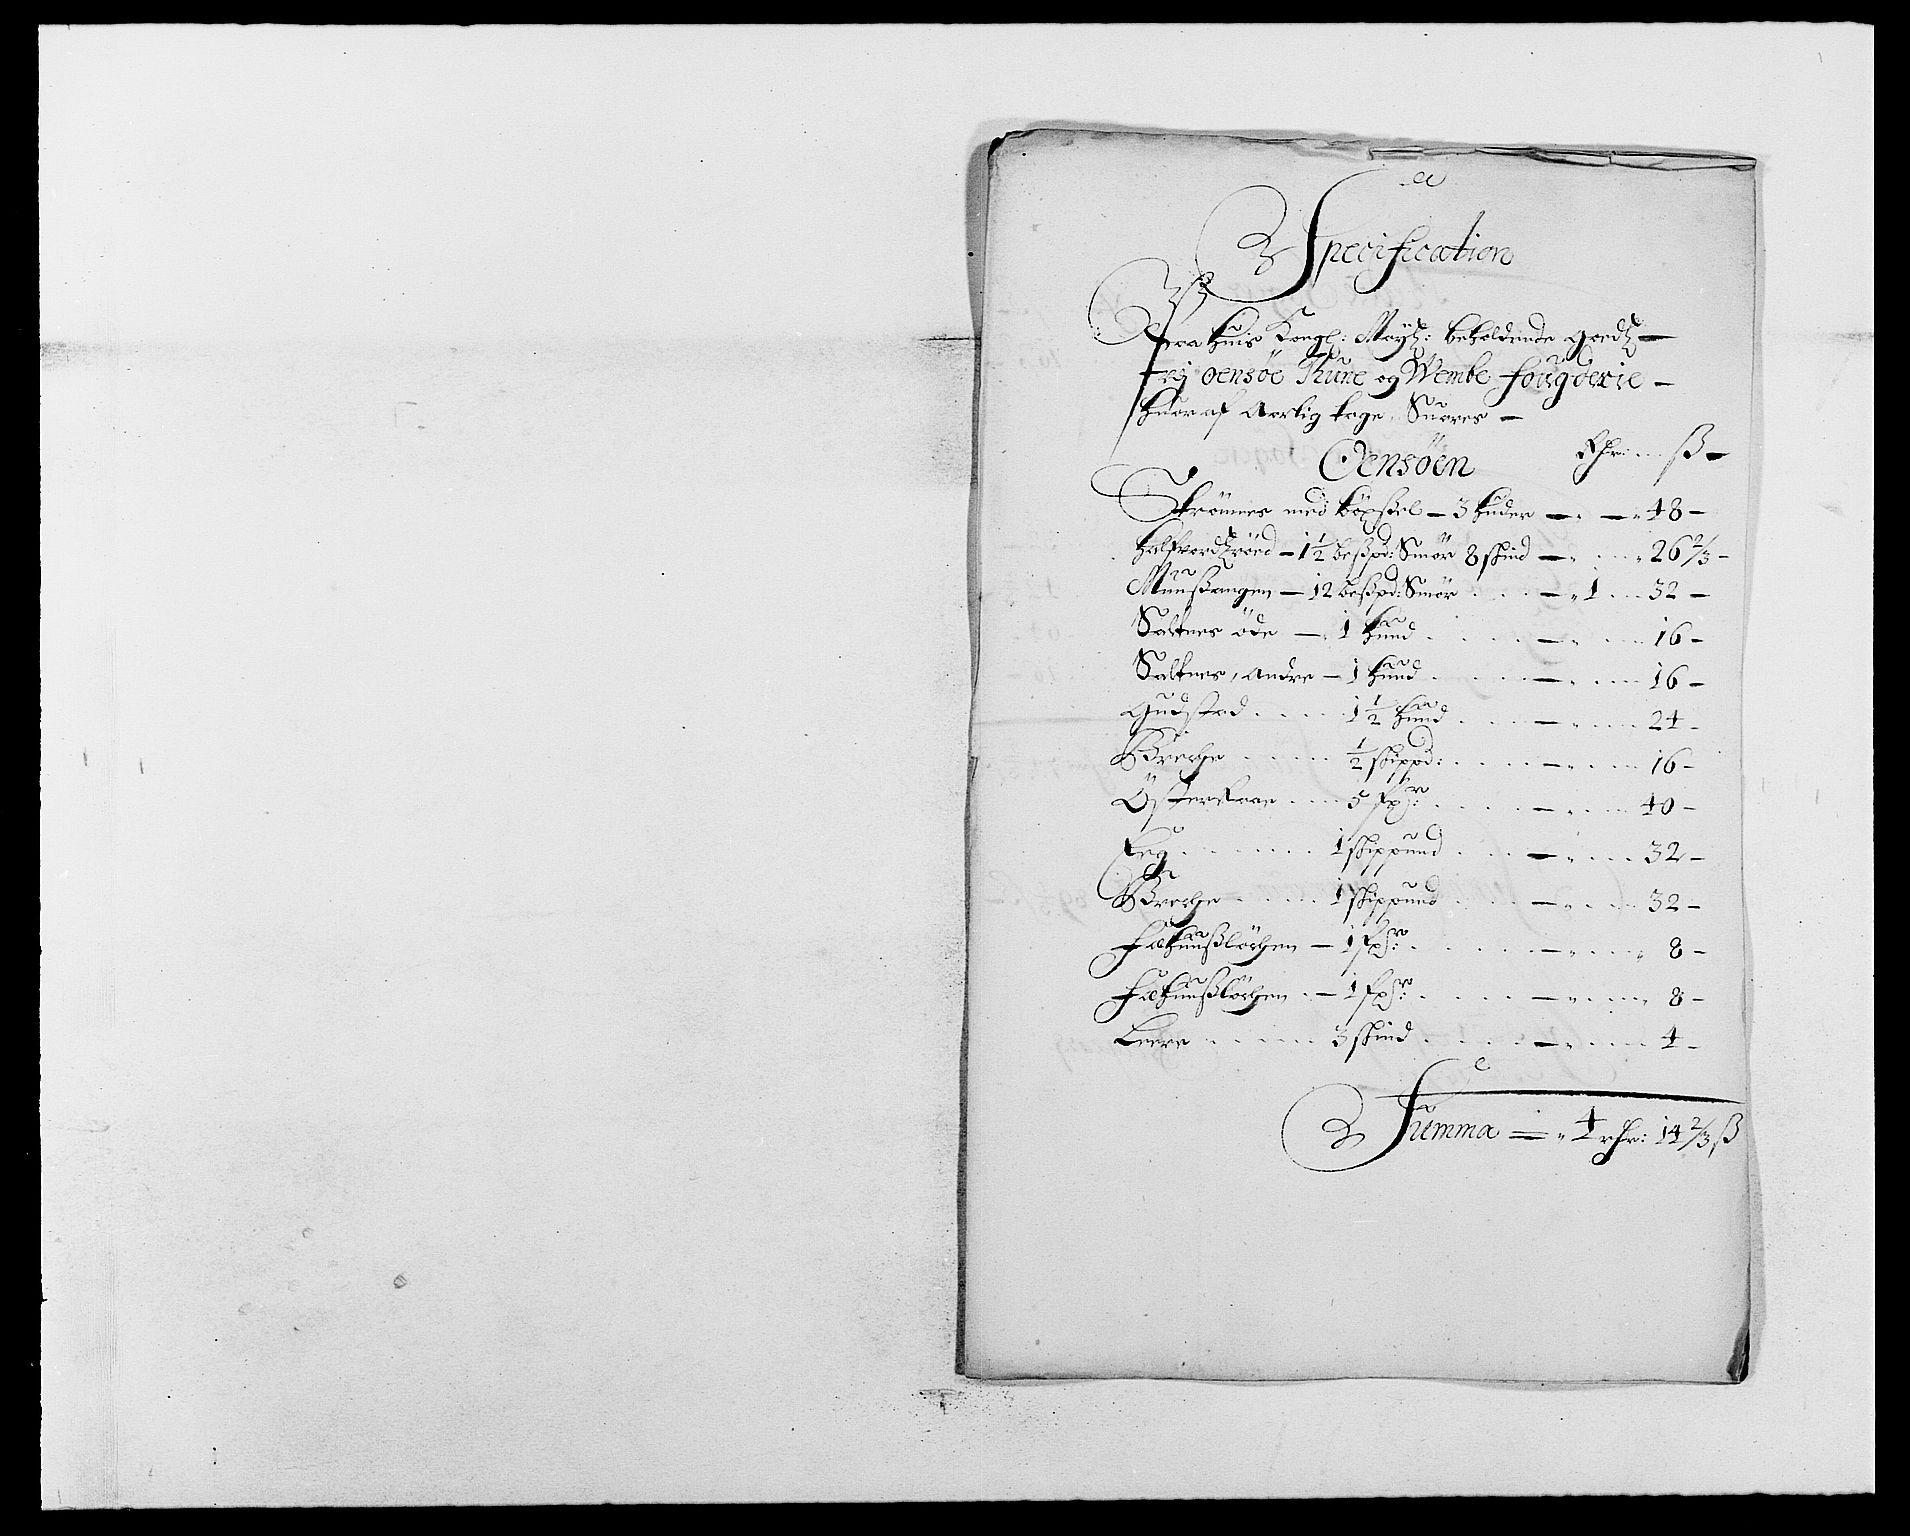 RA, Rentekammeret inntil 1814, Reviderte regnskaper, Fogderegnskap, R03/L0119: Fogderegnskap Onsøy, Tune, Veme og Åbygge fogderi, 1690-1691, s. 112